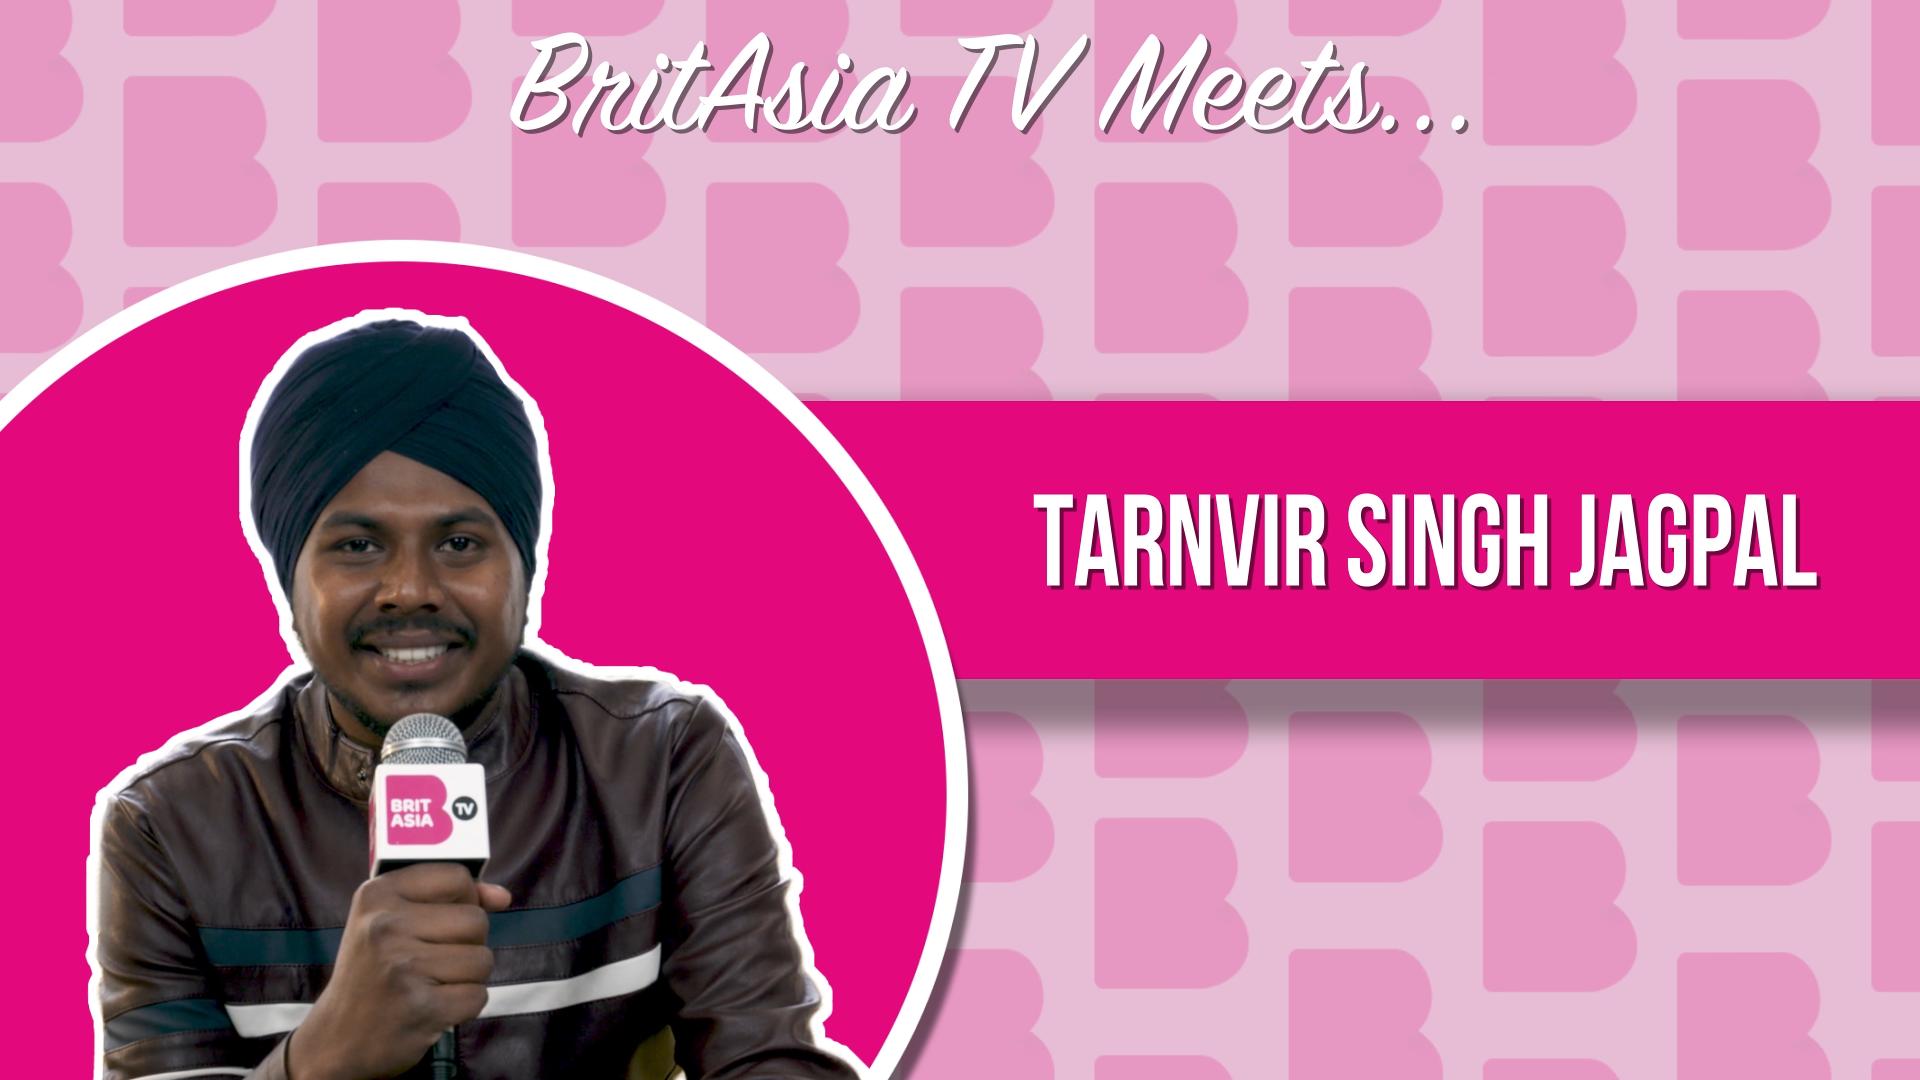 BRITASIA TV MEETS TARNVIR SINGH JAGPAL